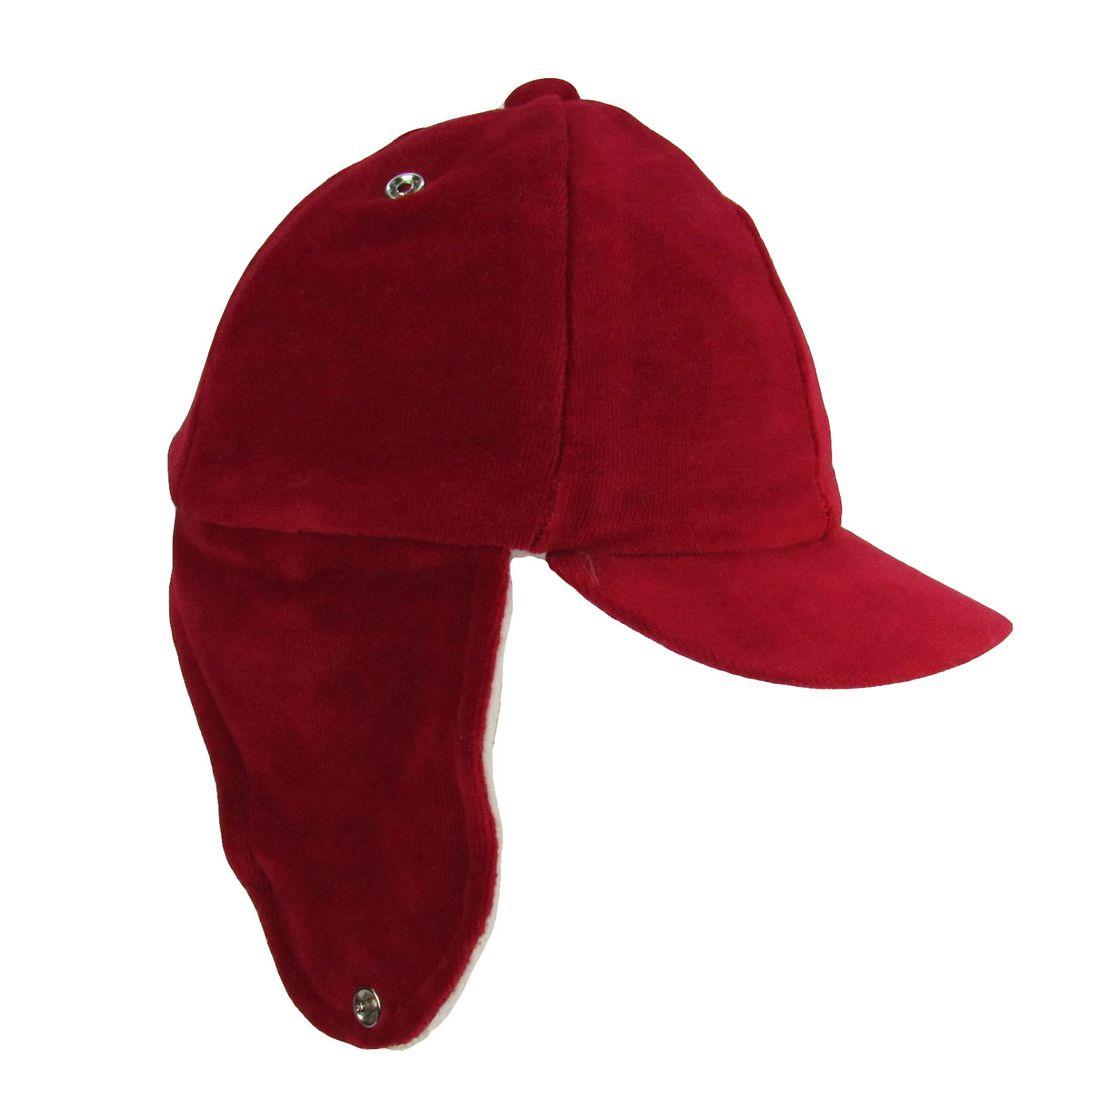 e40e9a0b45599 Boné Bebê Masculino Plush Vermelho e Branco - poetique